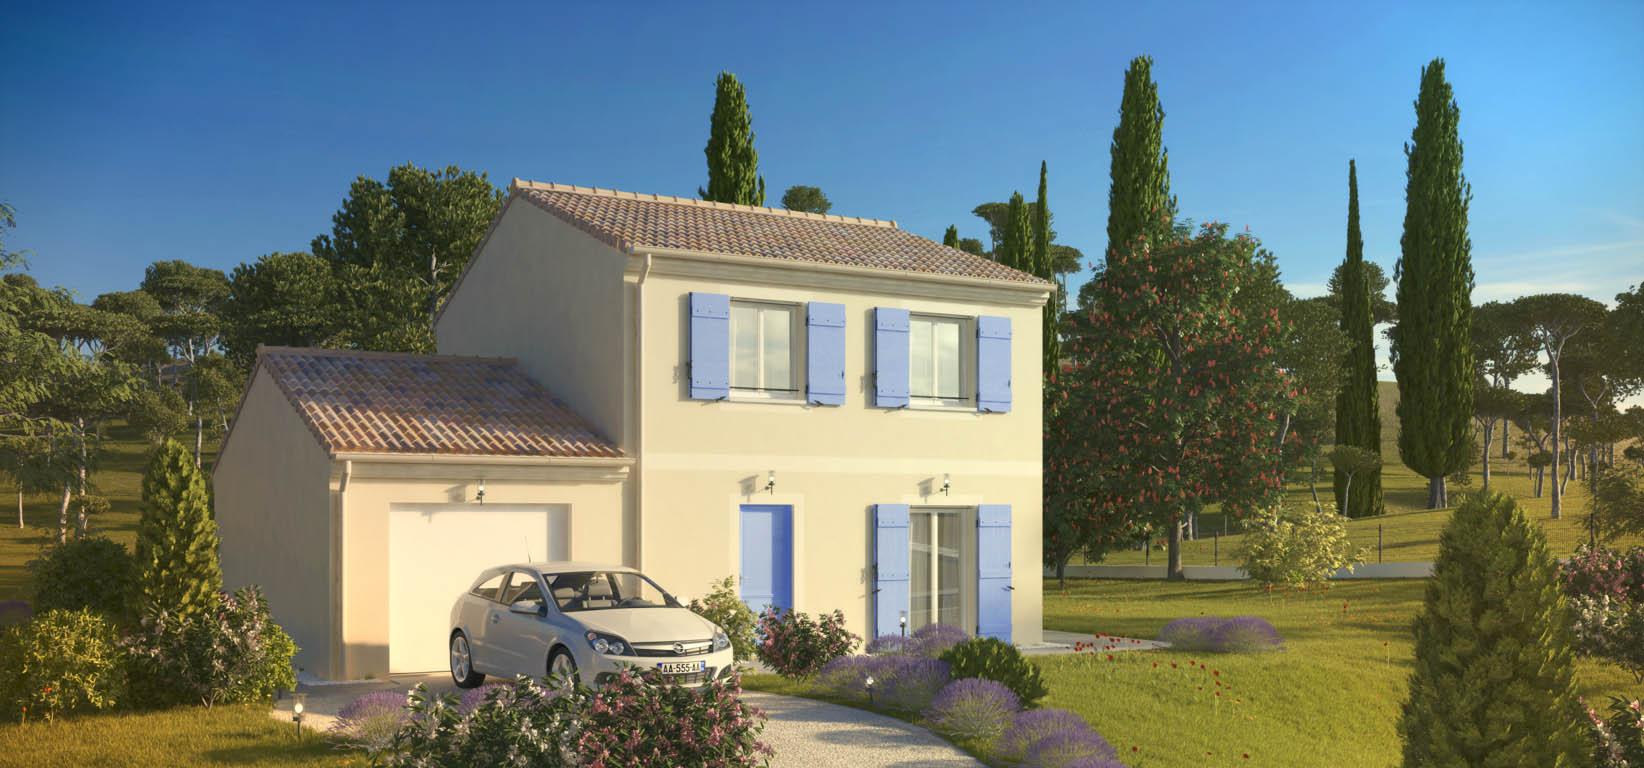 Maisons du constructeur MAISONS PIERRE - PESSAC • 92 m² • CENON